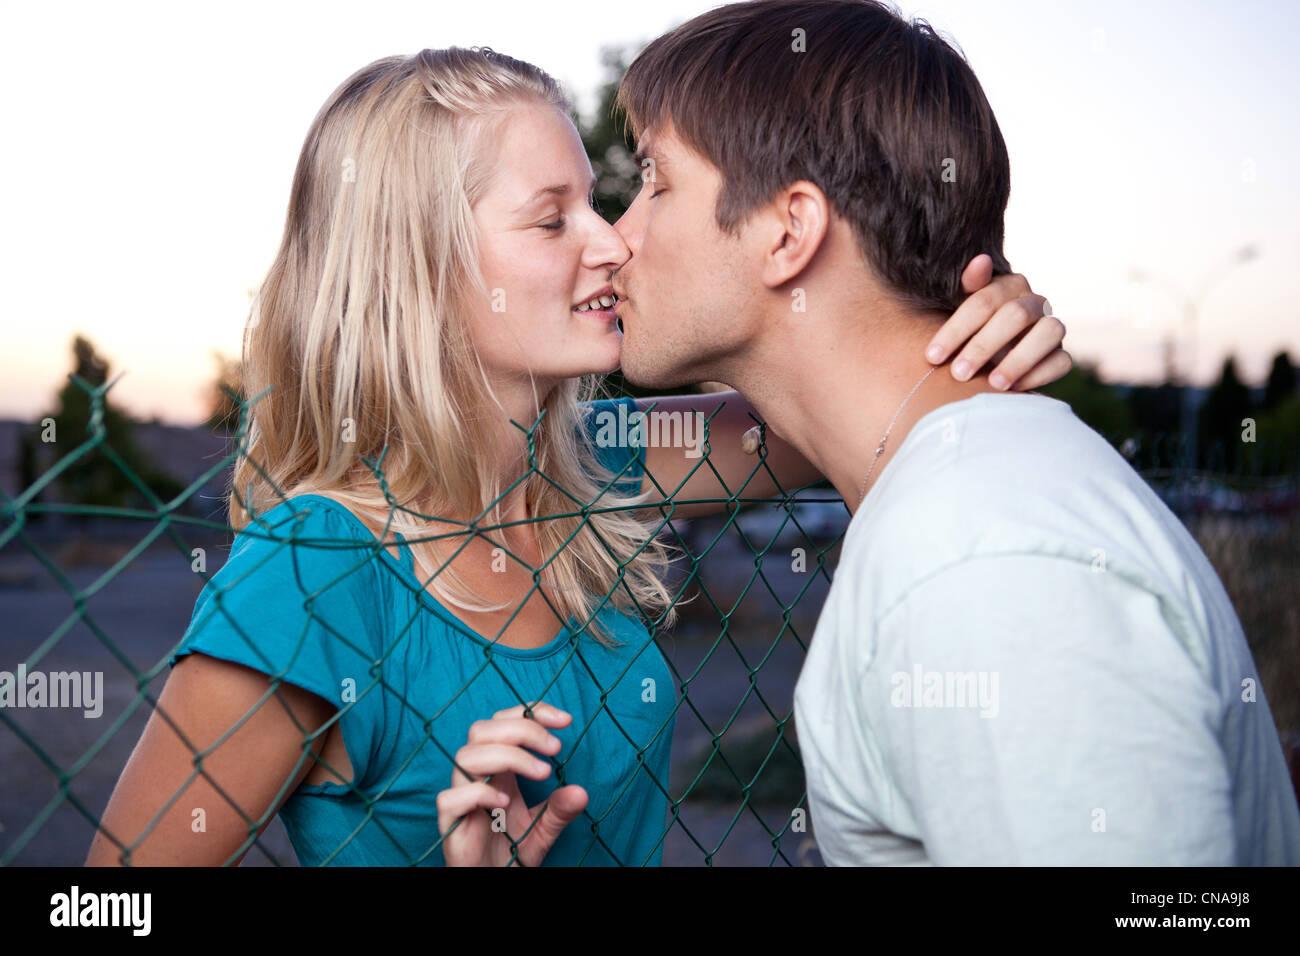 Lovely kissing pics